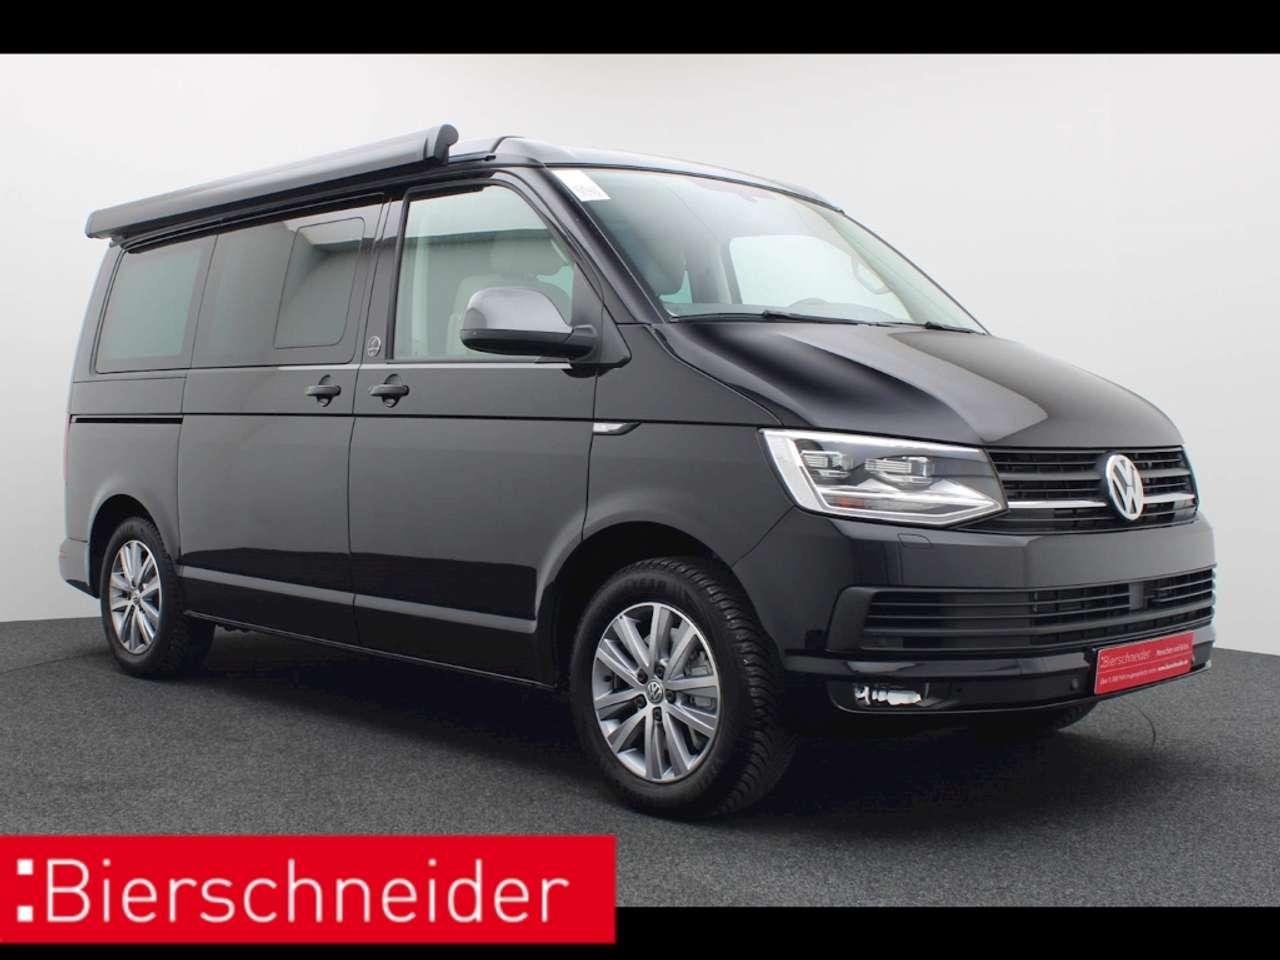 特選輸入車Vol.290   2020 Volkswagen T6 California COAST de(中古車)  支払総額:¥11,220,215